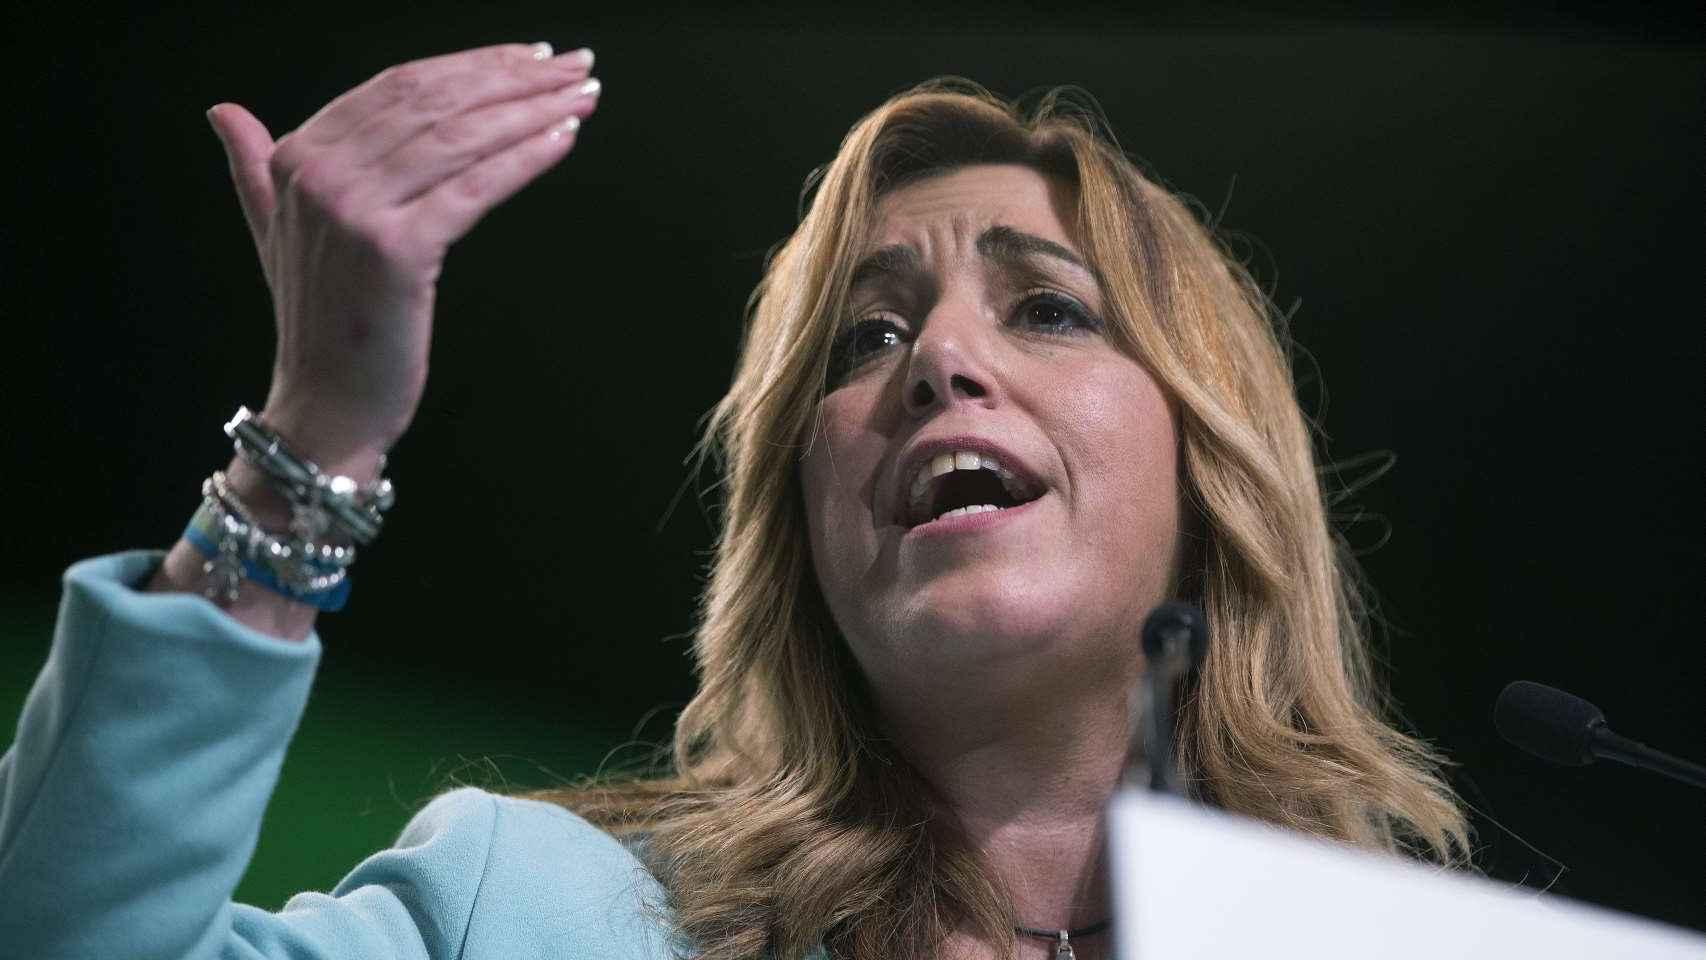 La presidenta de la Junta de Andalucía, Susana Díaz, durante un mitin en Málaga